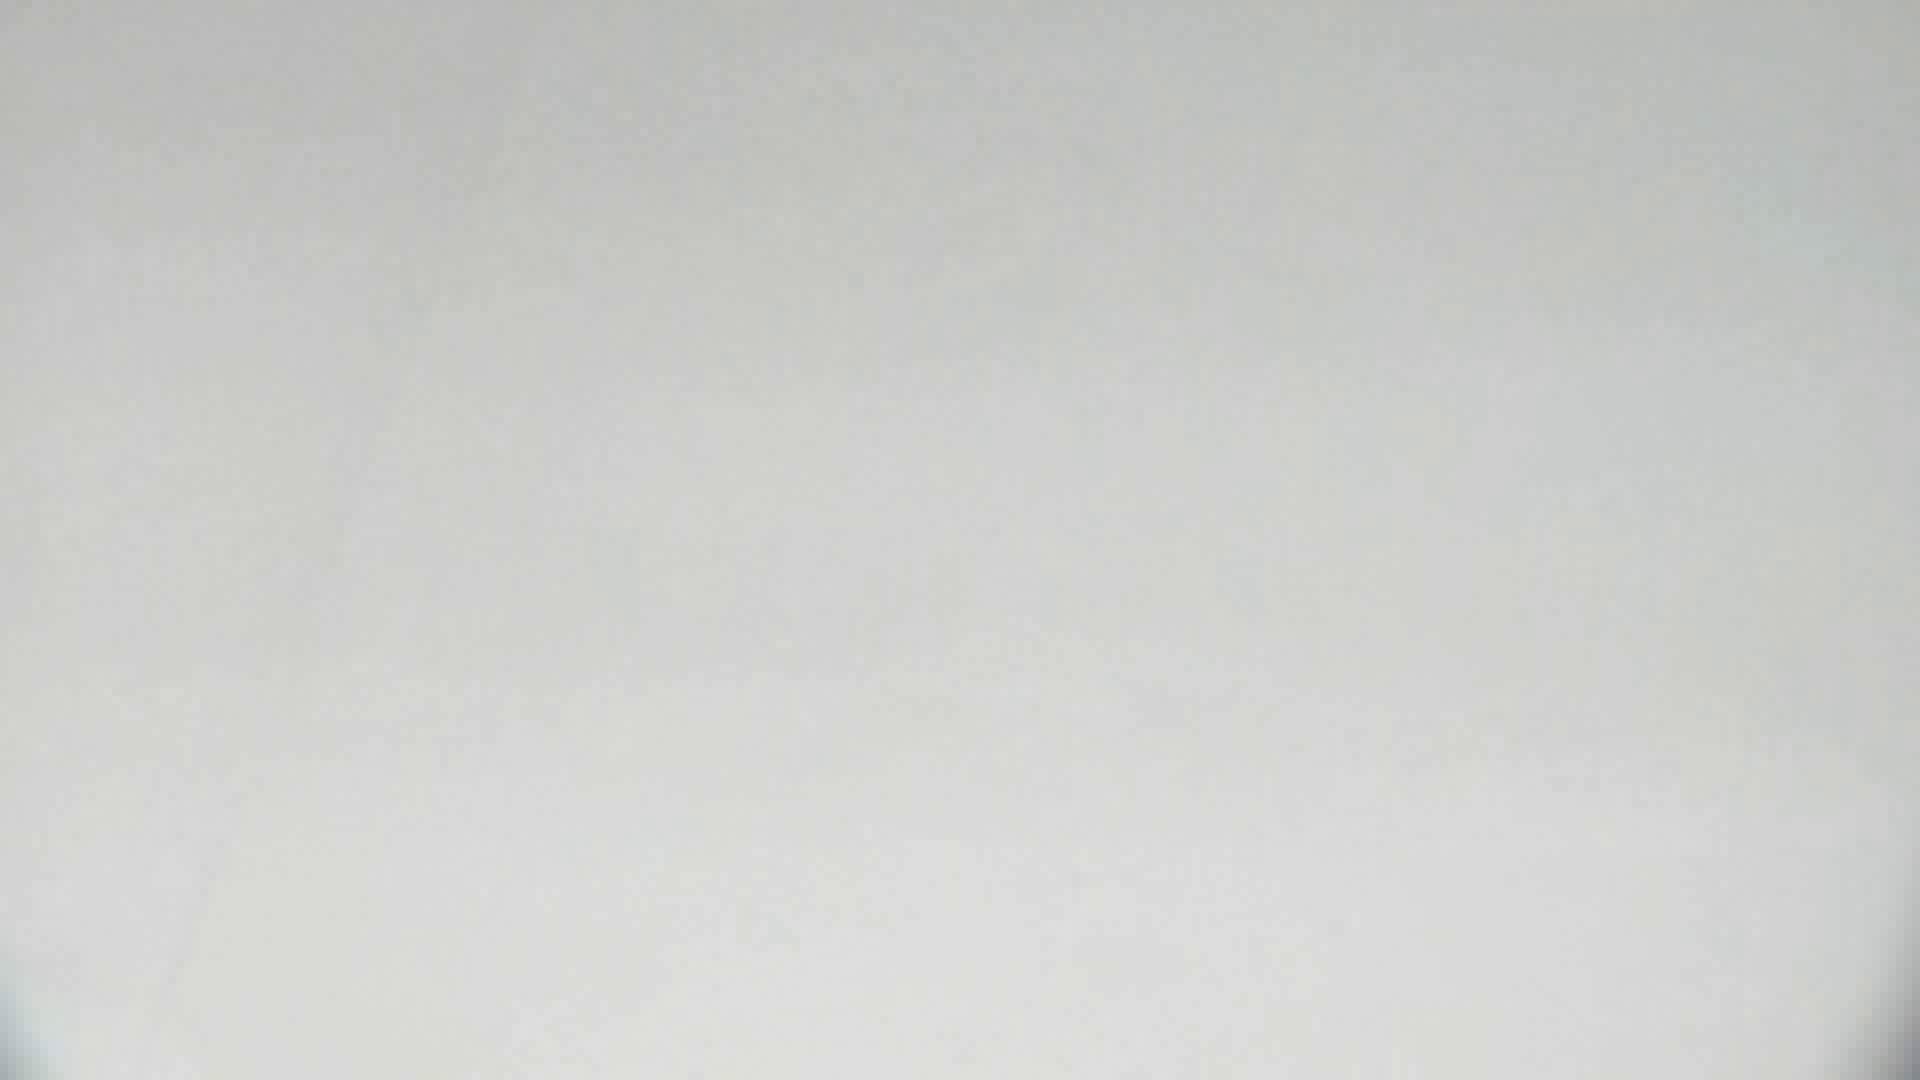 vol.25三十時間潜り、一つしか出会えない完璧桃尻編 byお銀 HなOL 性交動画流出 96pic 14